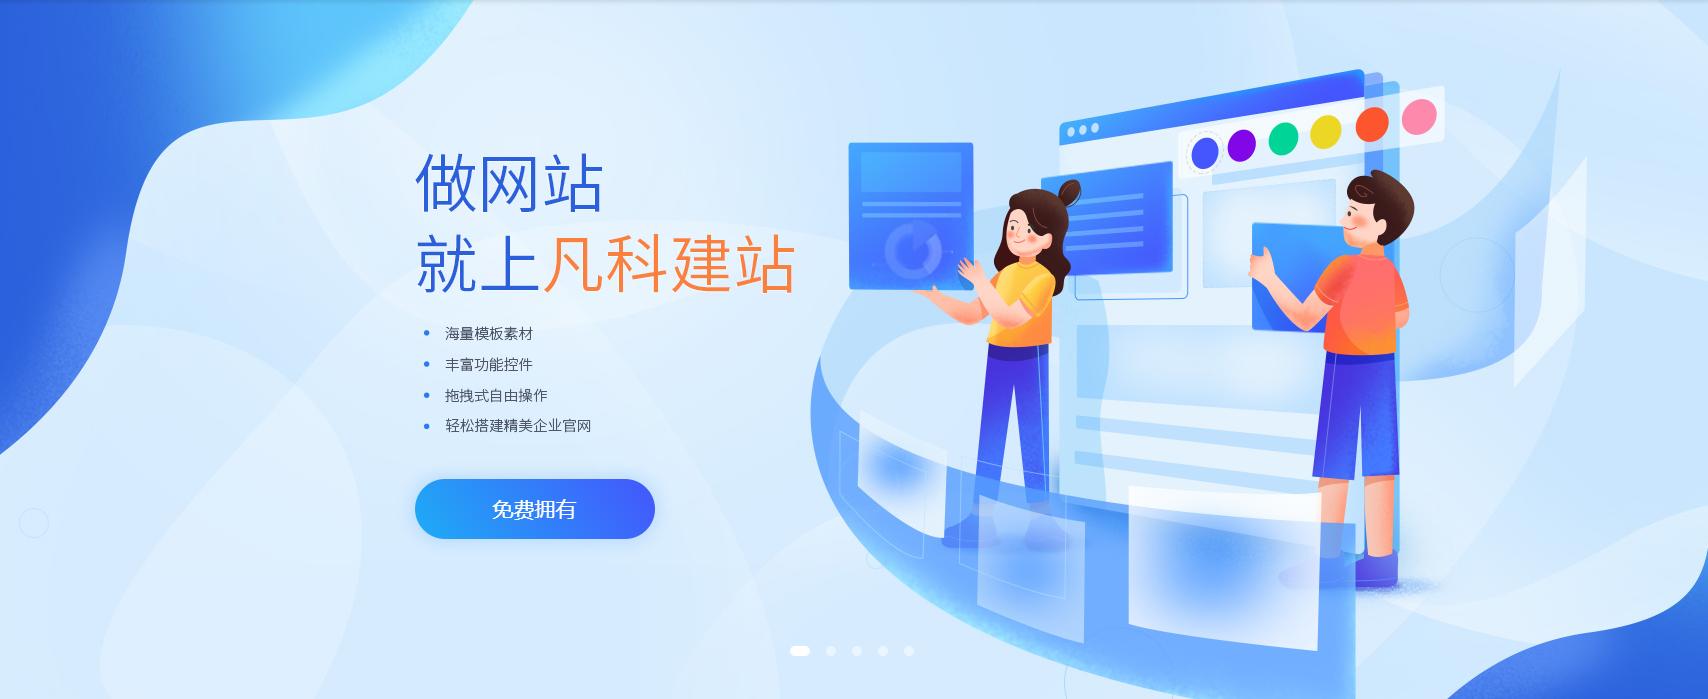 企业网站模板设计